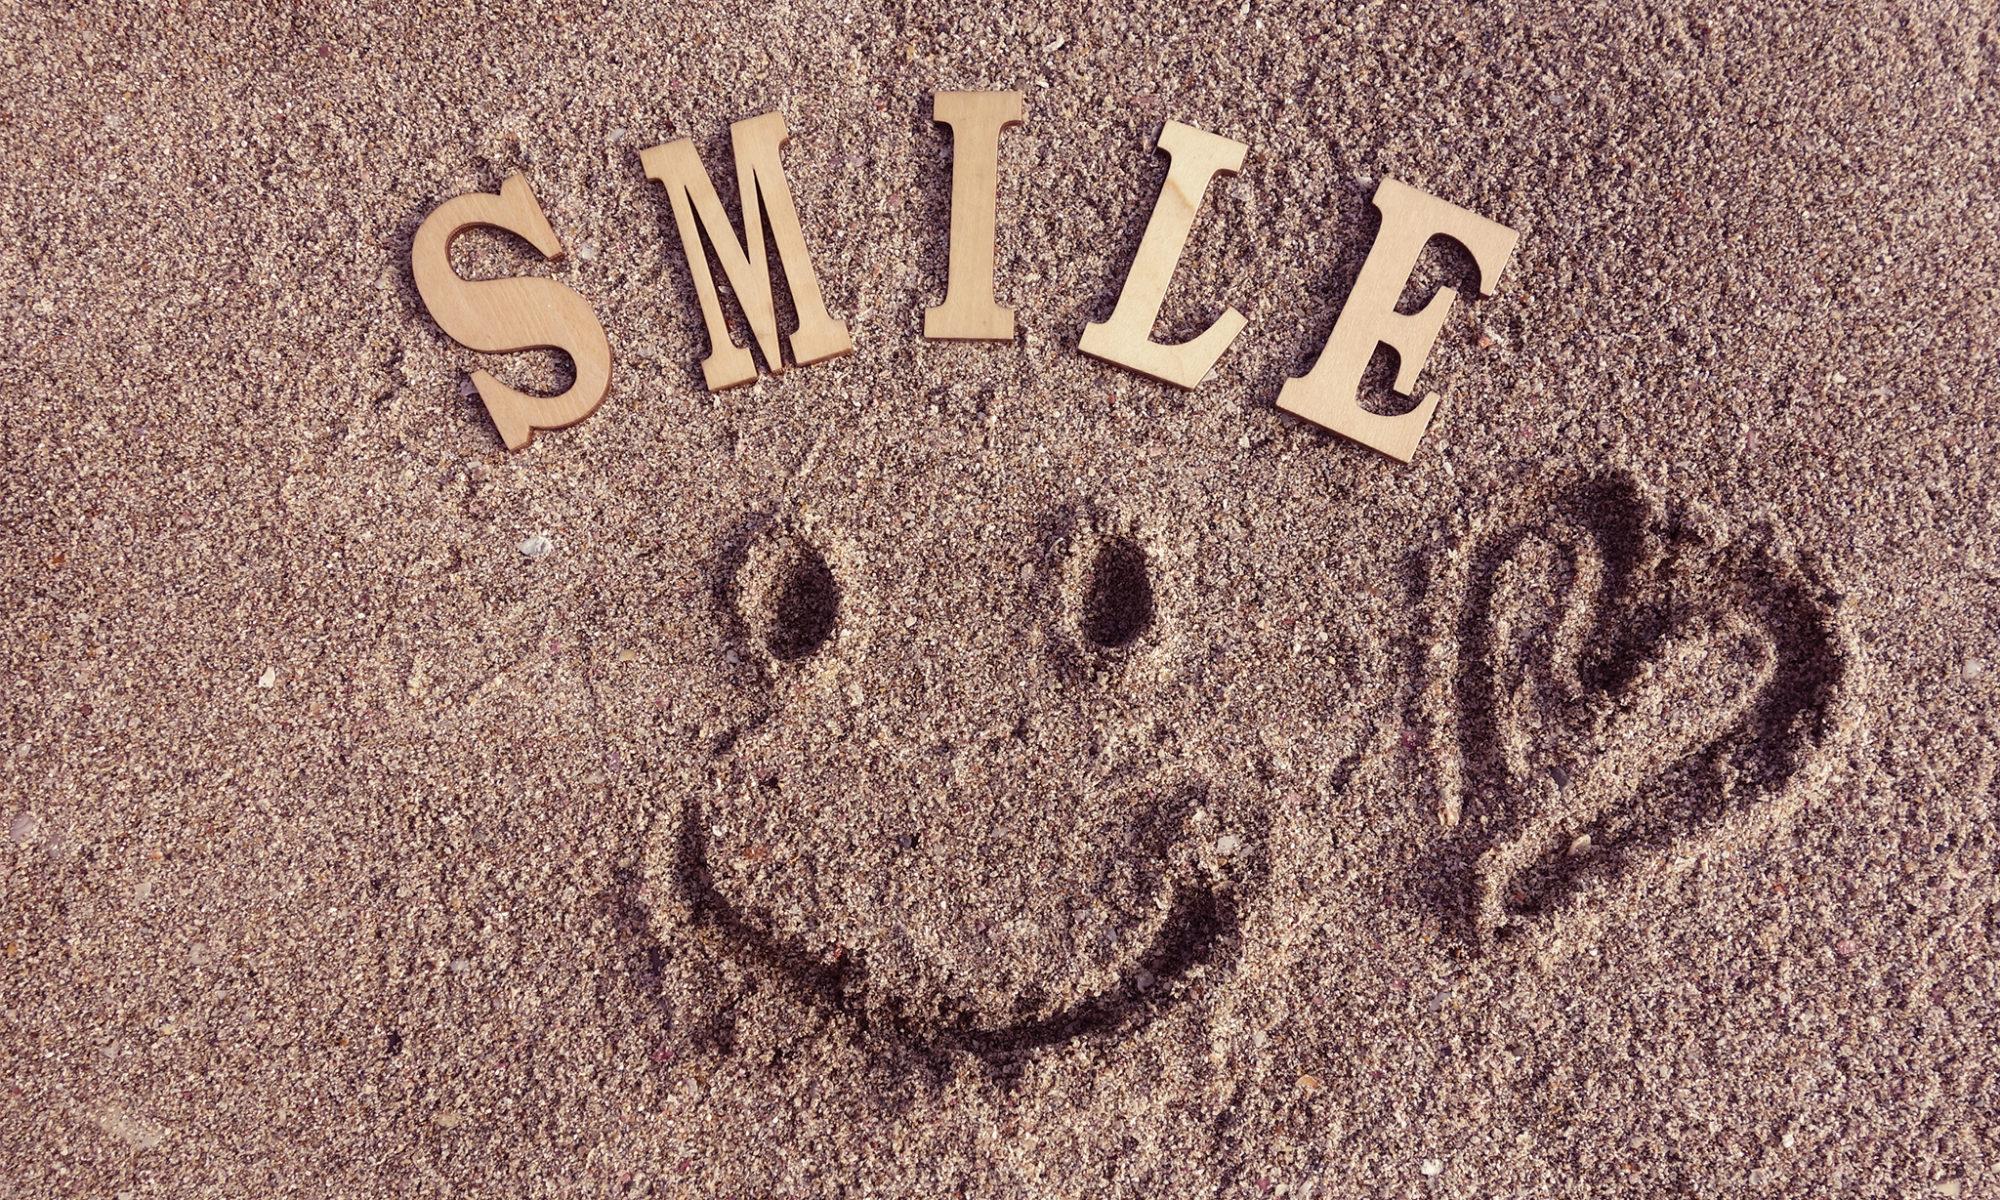 砂に描いた笑顔のイラスト